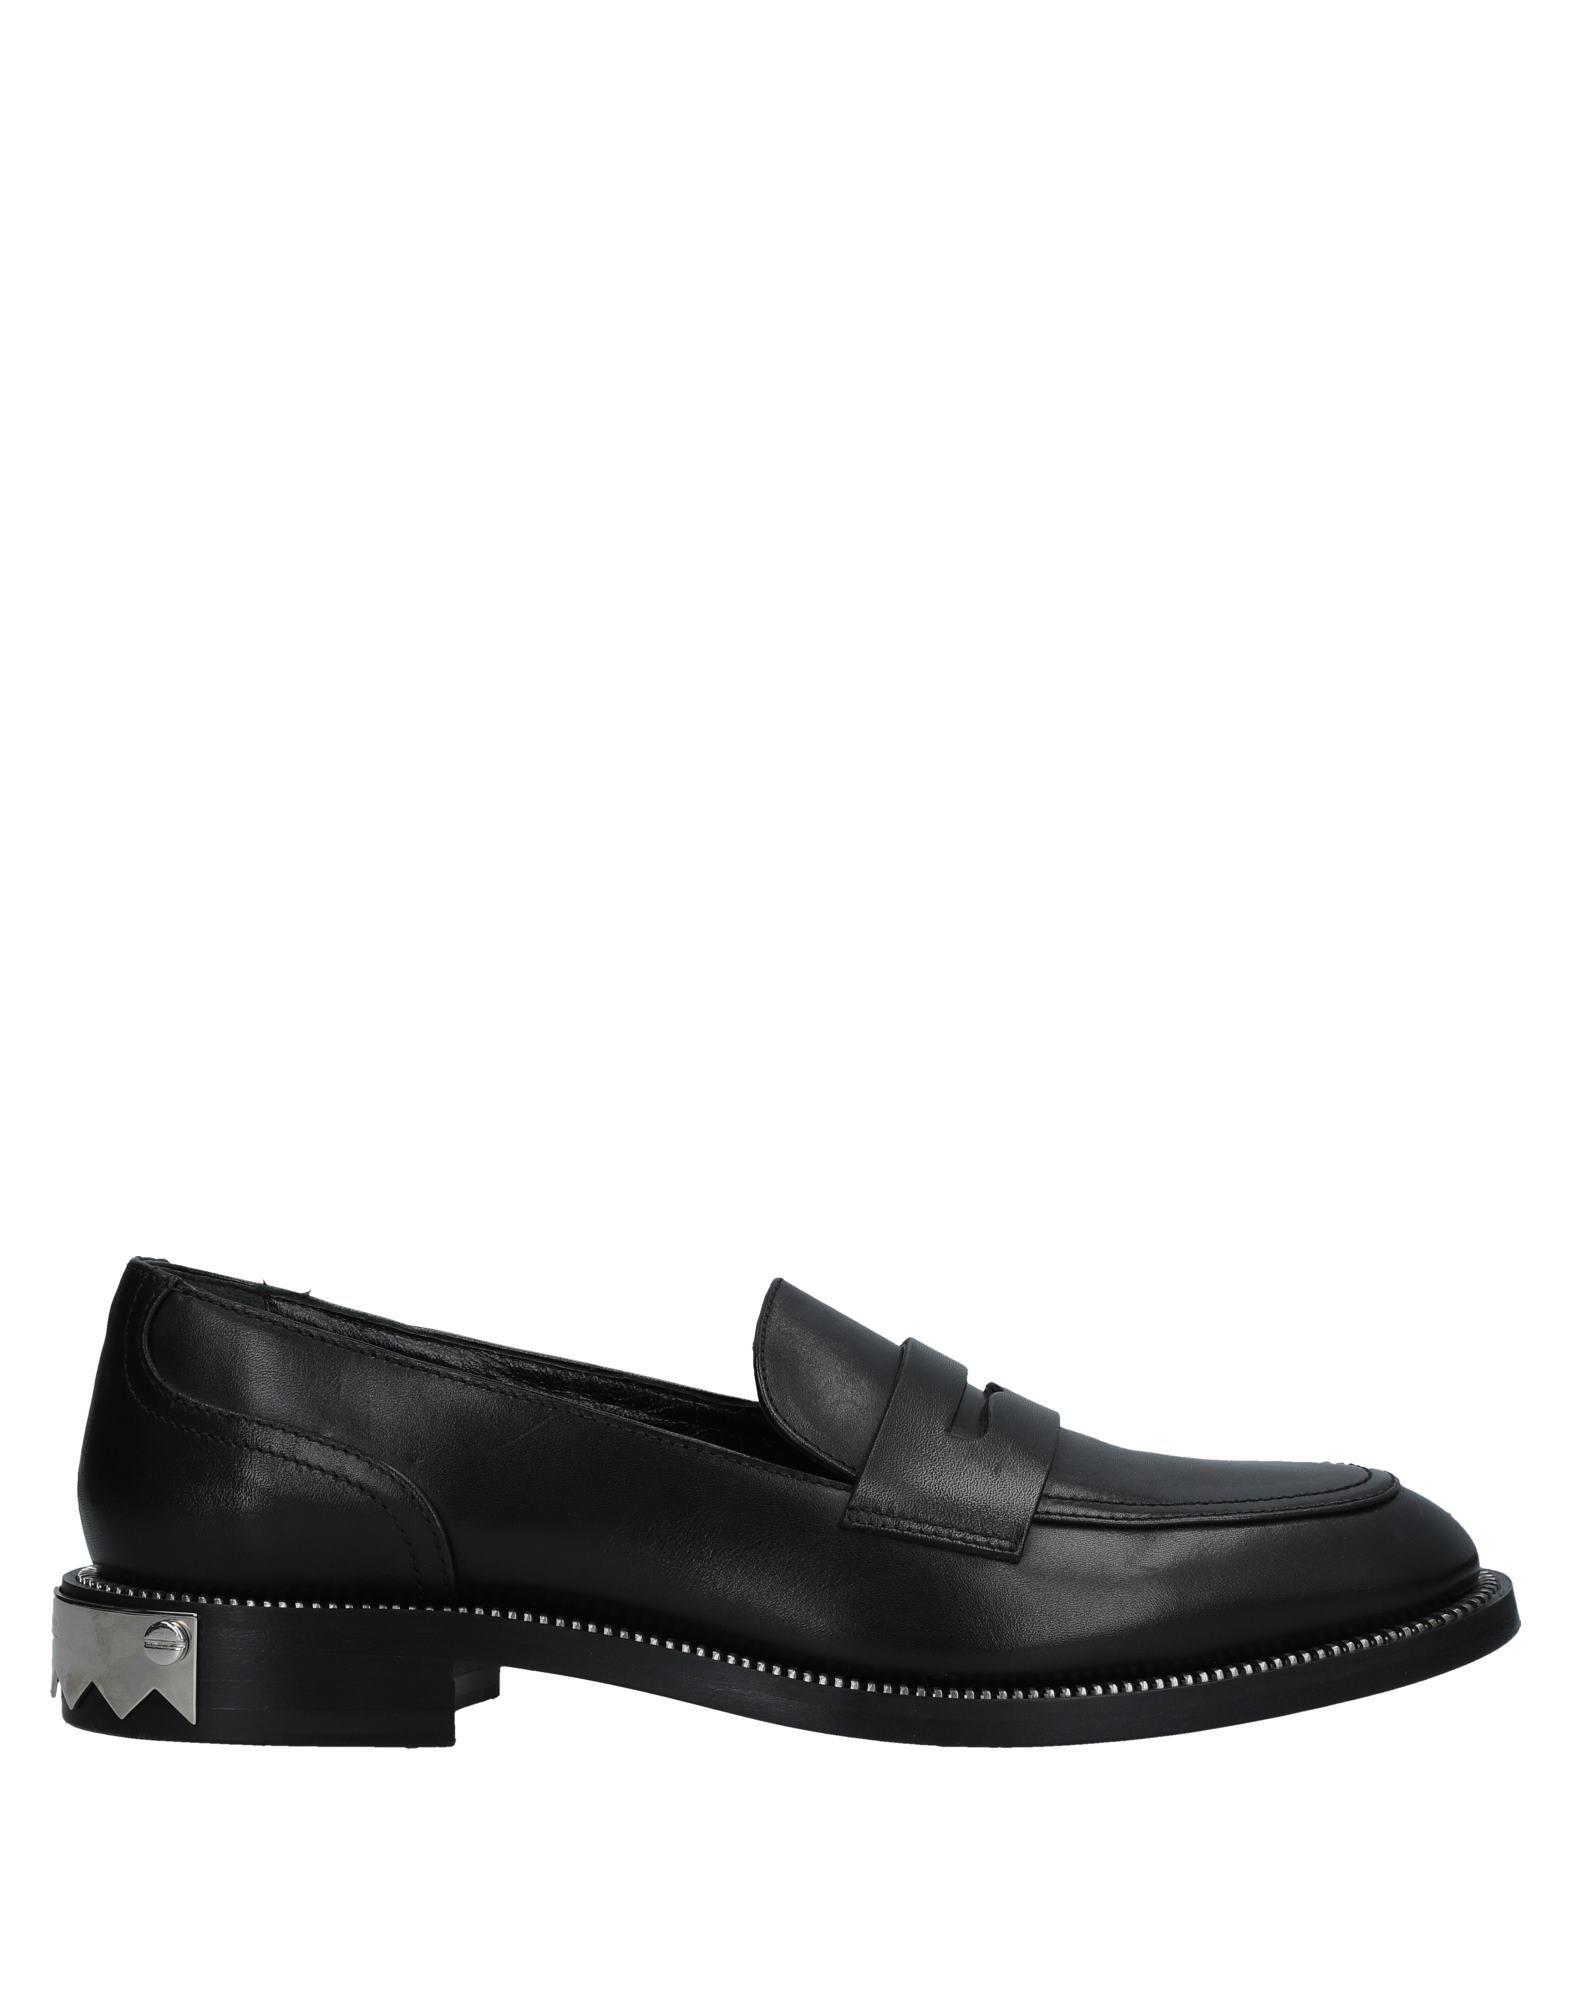 Dsquared2 Mokassins Damen  11535759XAGut aussehende strapazierfähige Schuhe